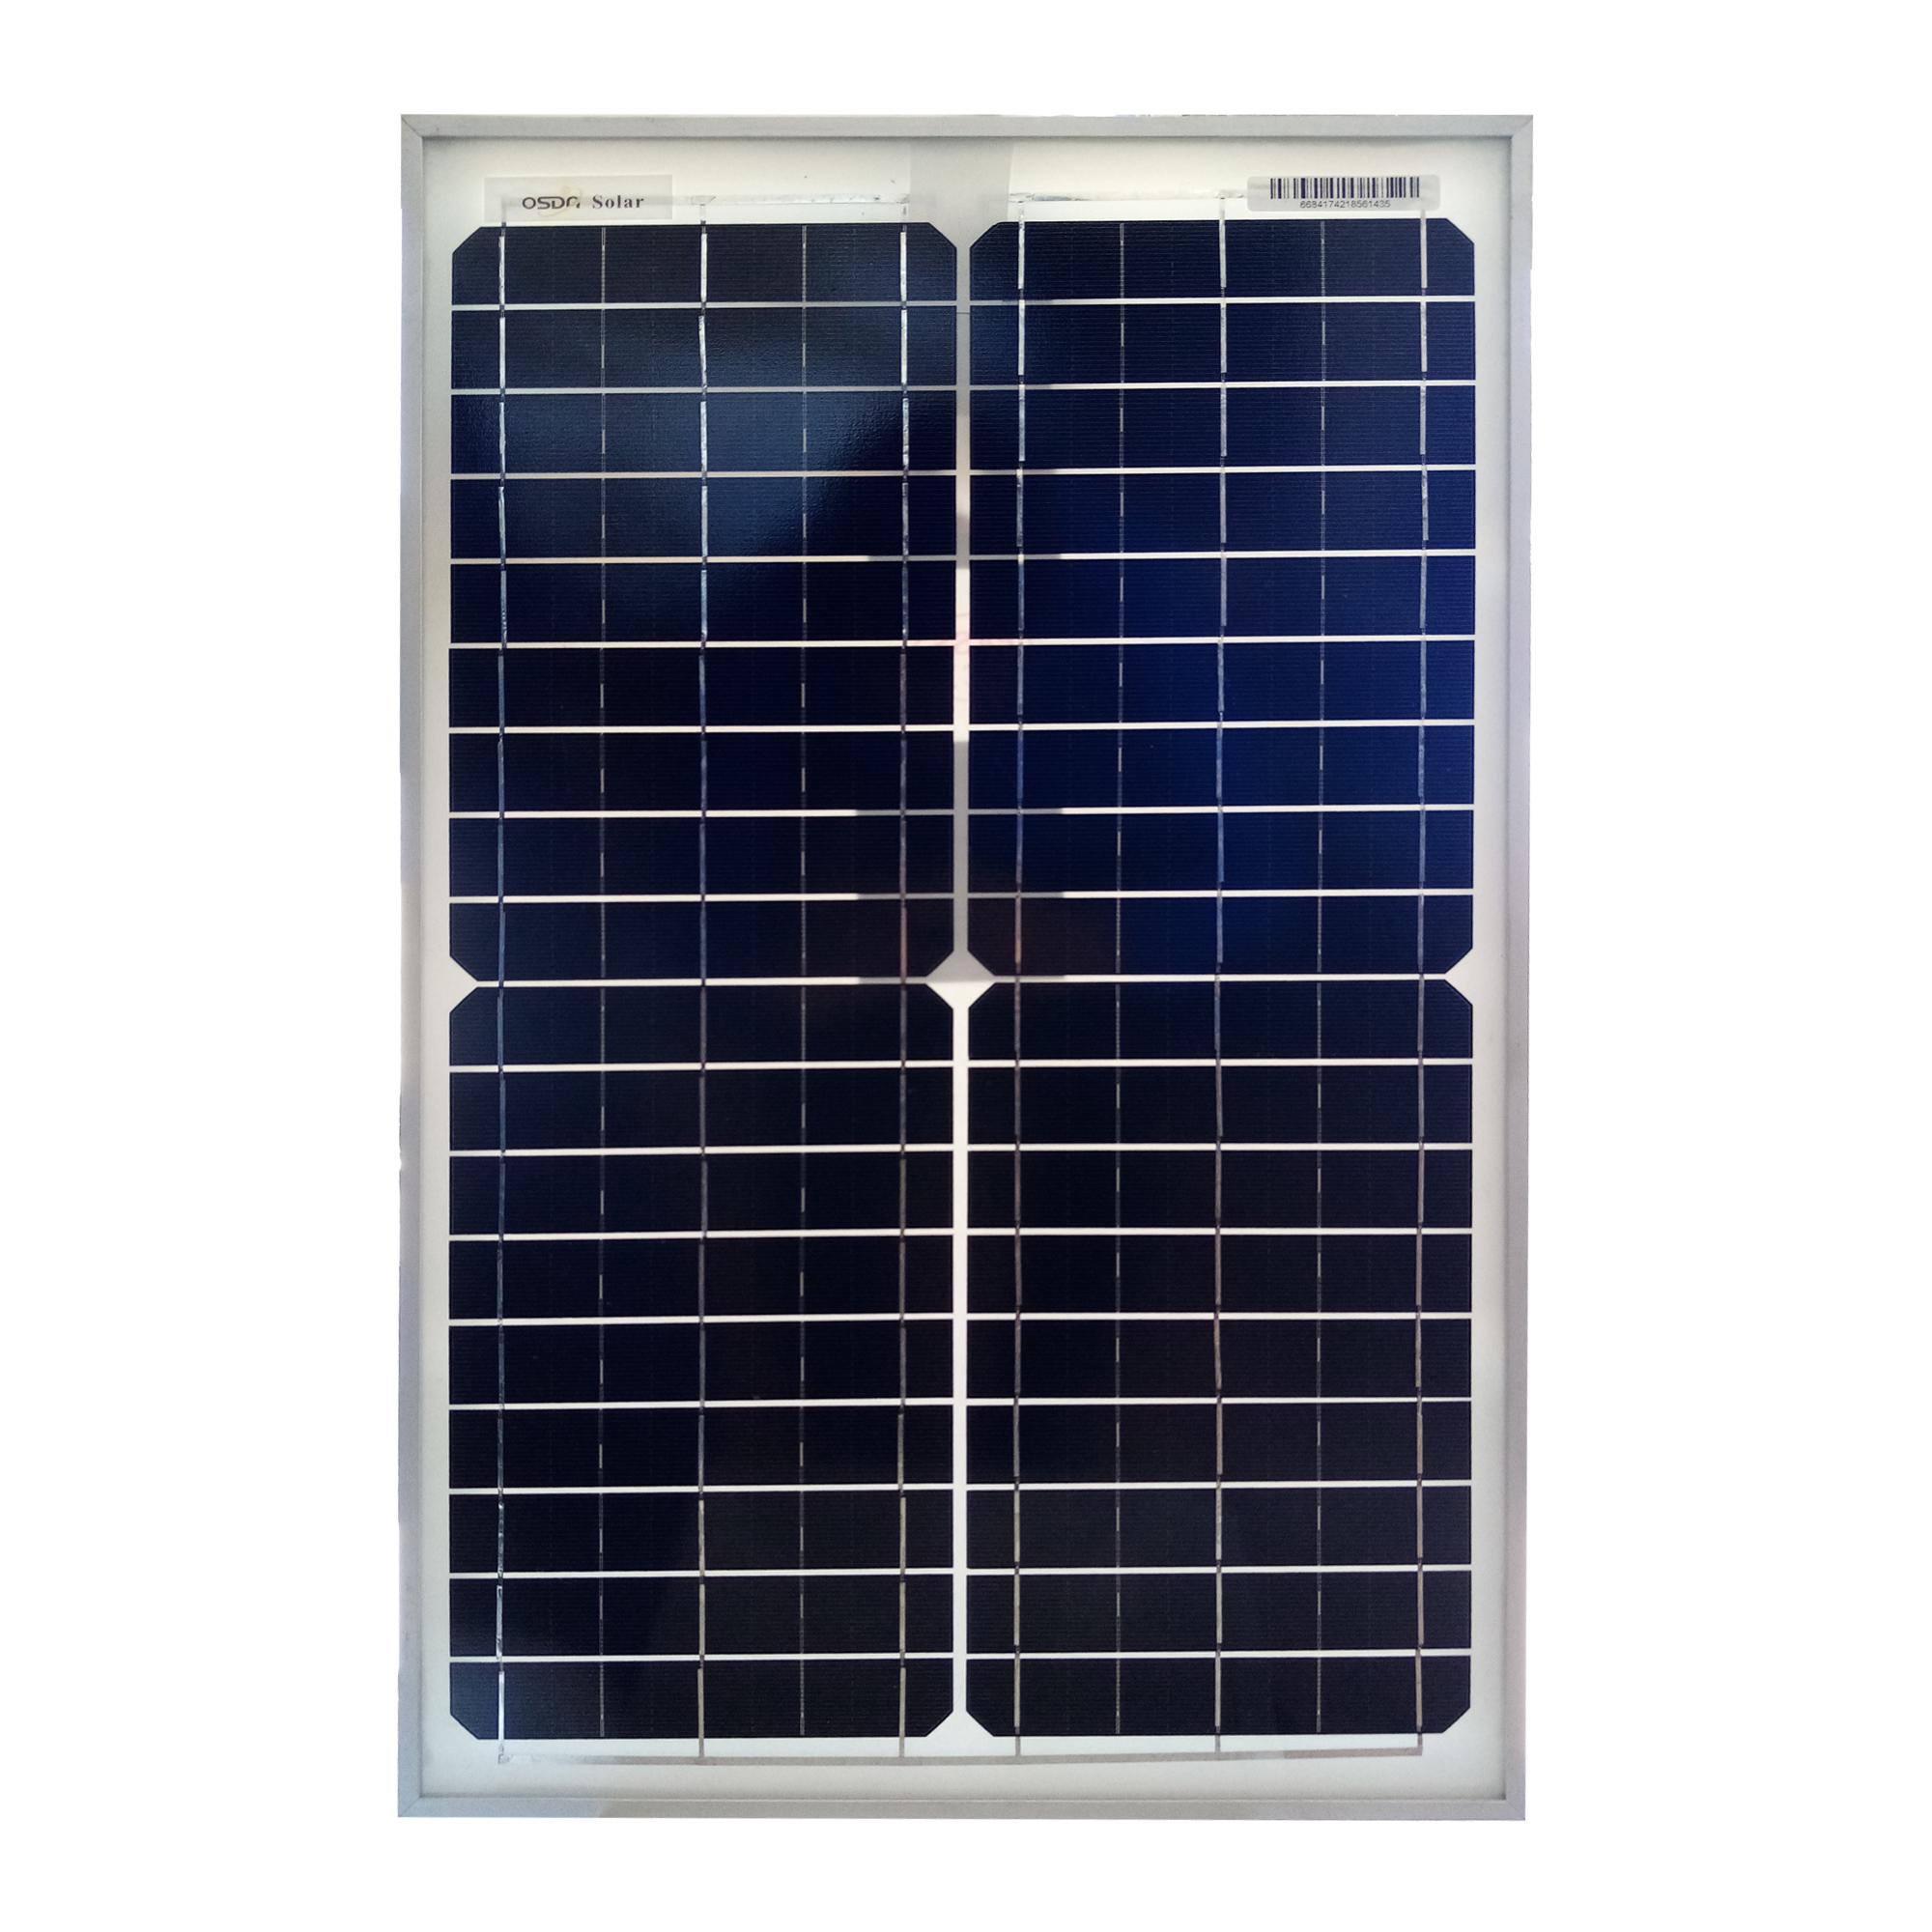 پنل خورشیدی اوسدا سولار مدل ODA30-18M ظرفیت 30 وات